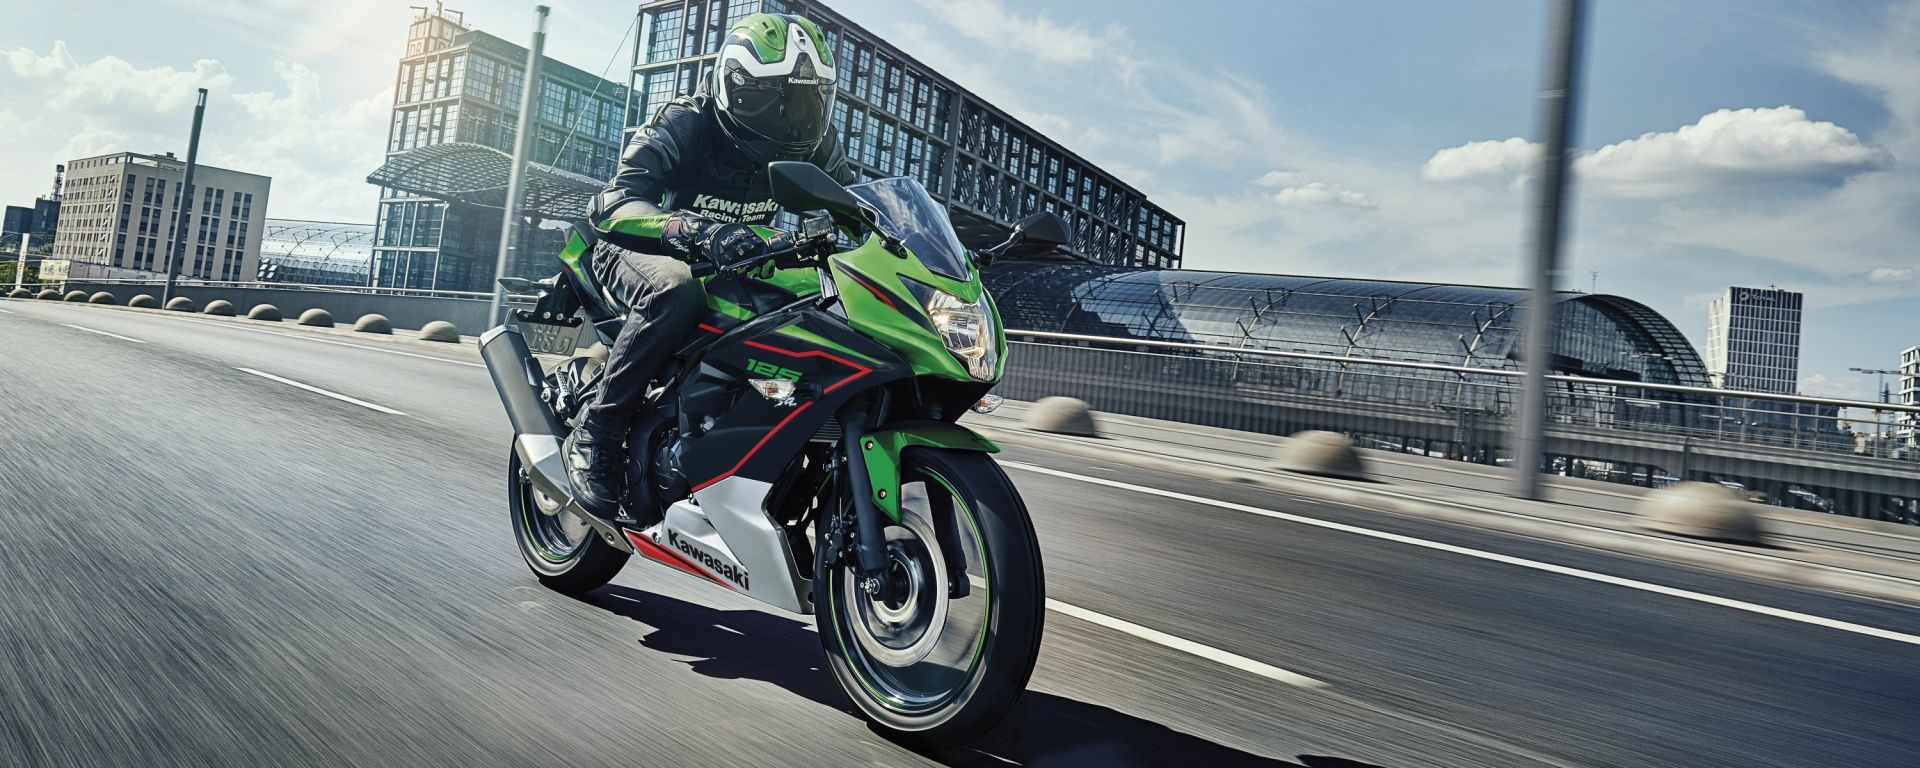 Kawasaki Ninja 125: ecco il modello 2021 in azione